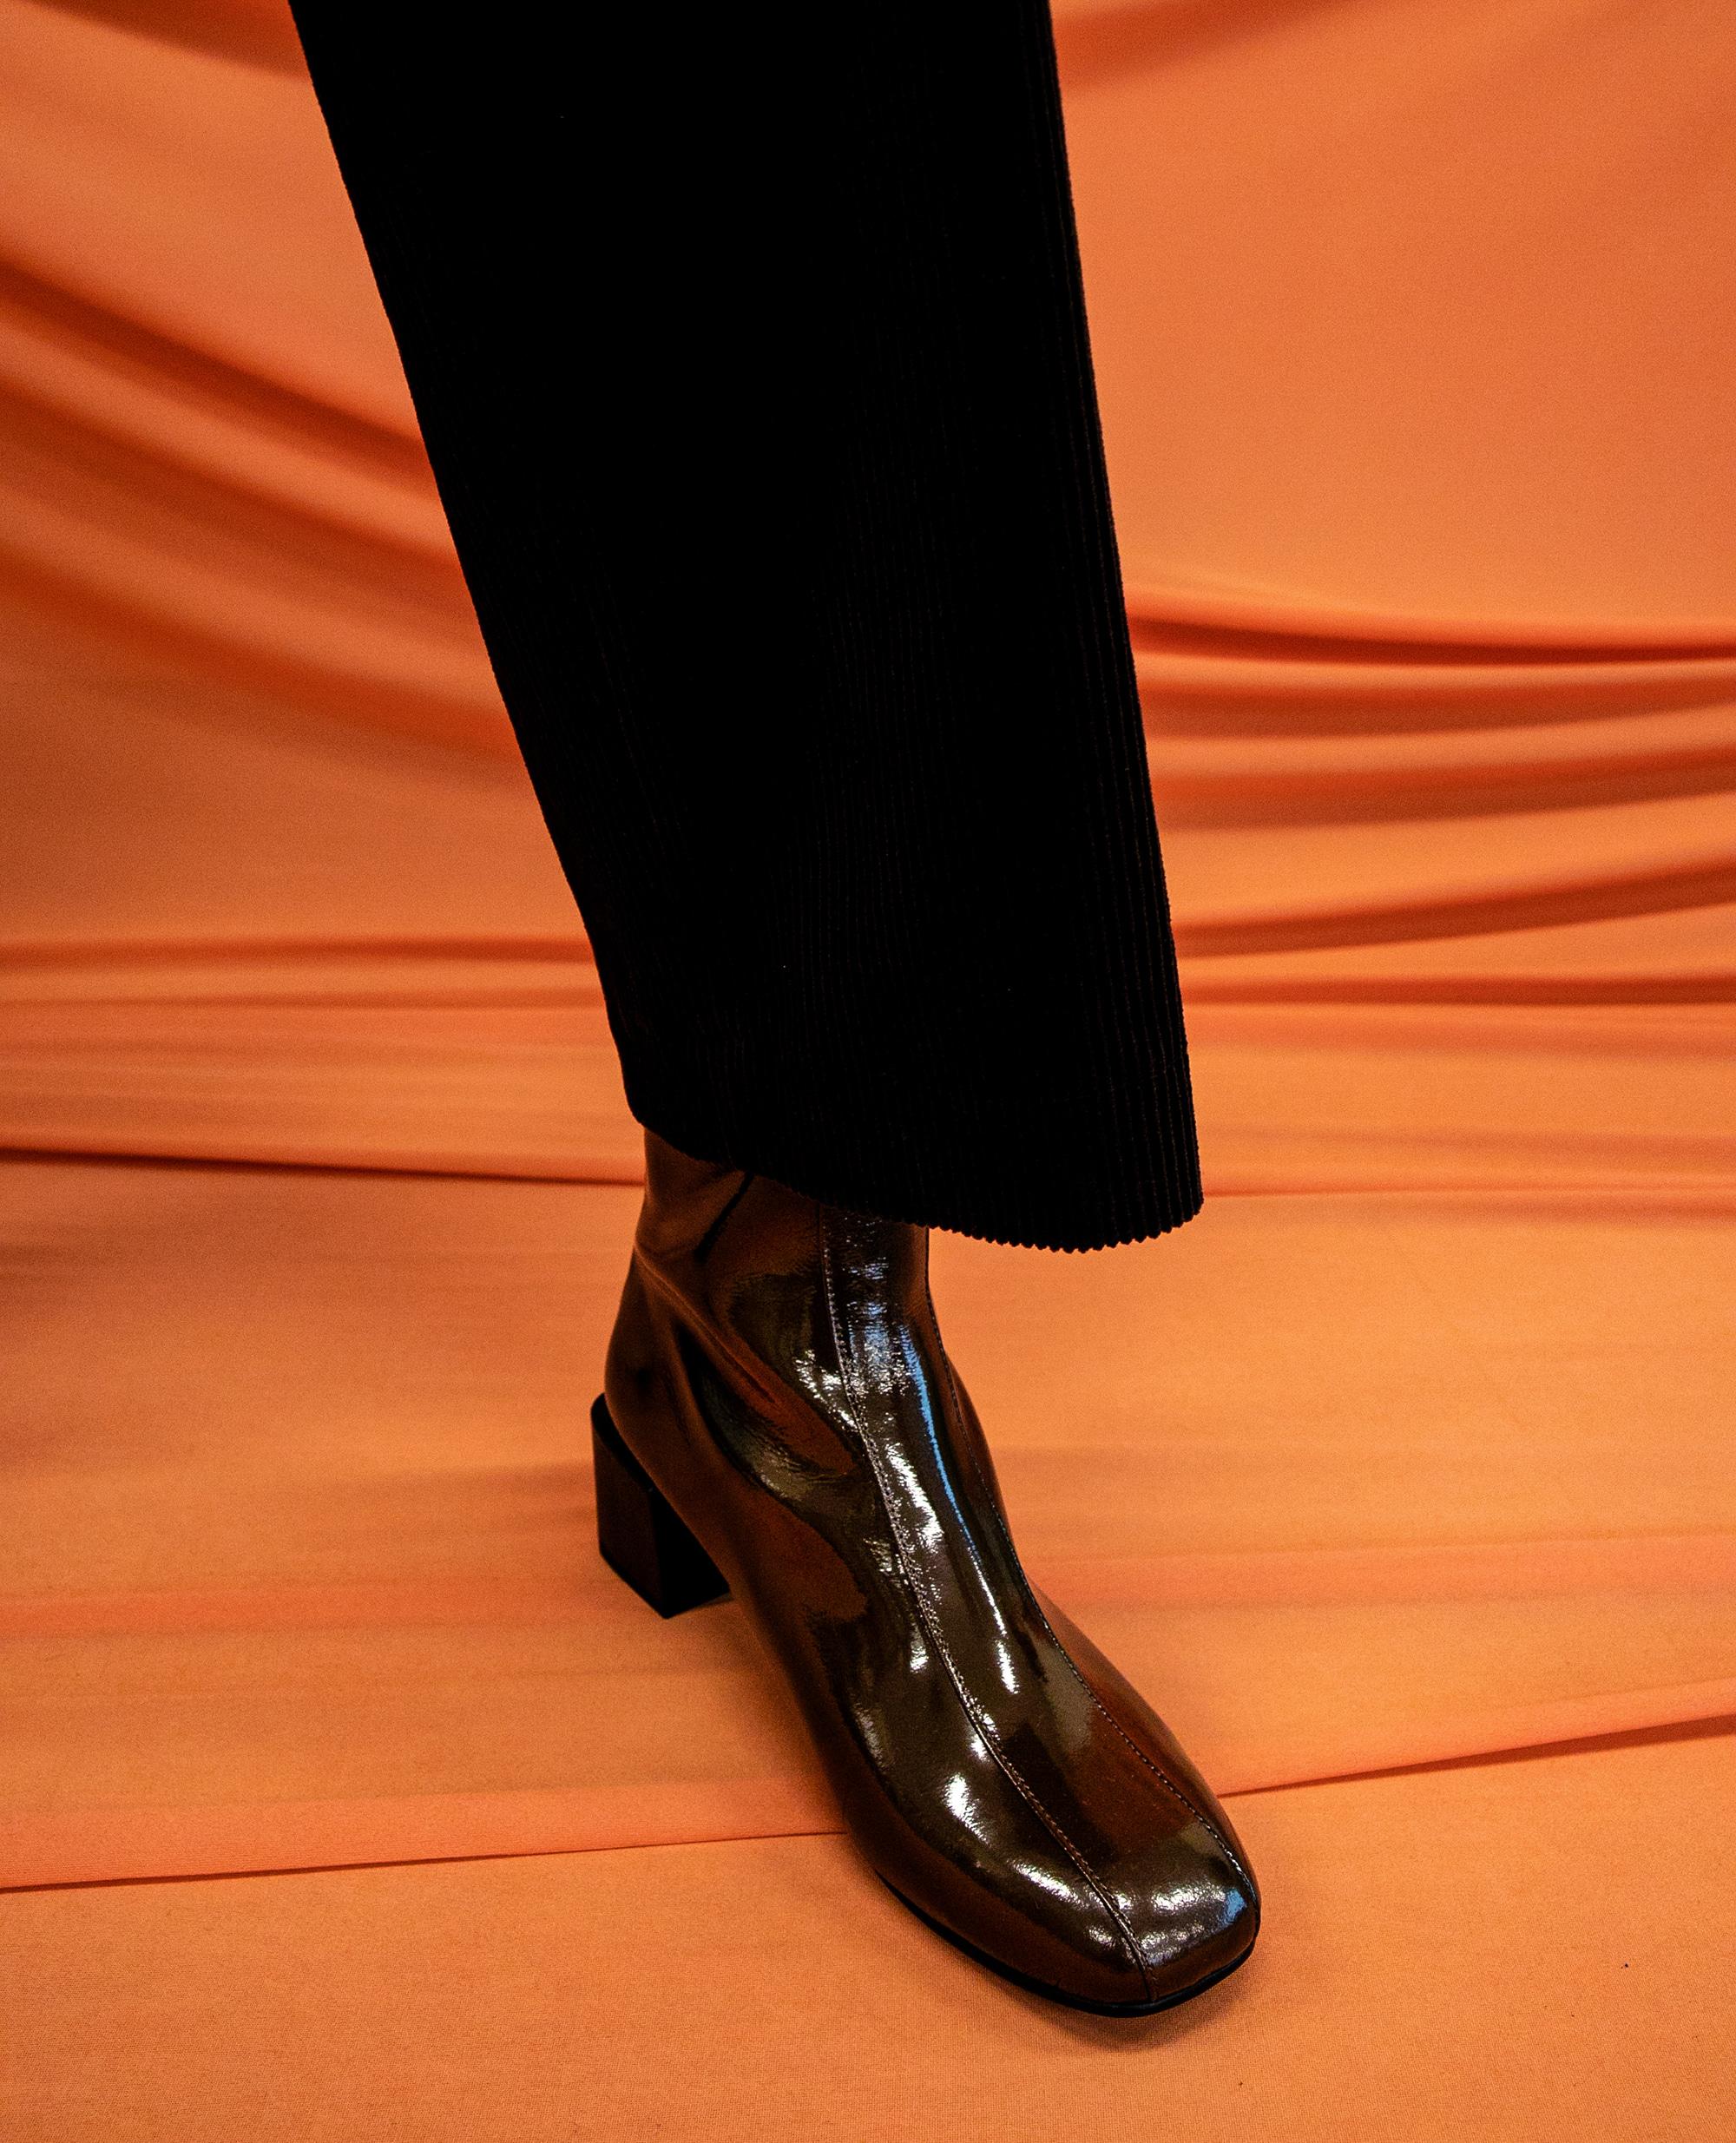 플랫아파트먼트써클, 앵클부츠, 미드힐부츠, flat apartment circle, ankle boots